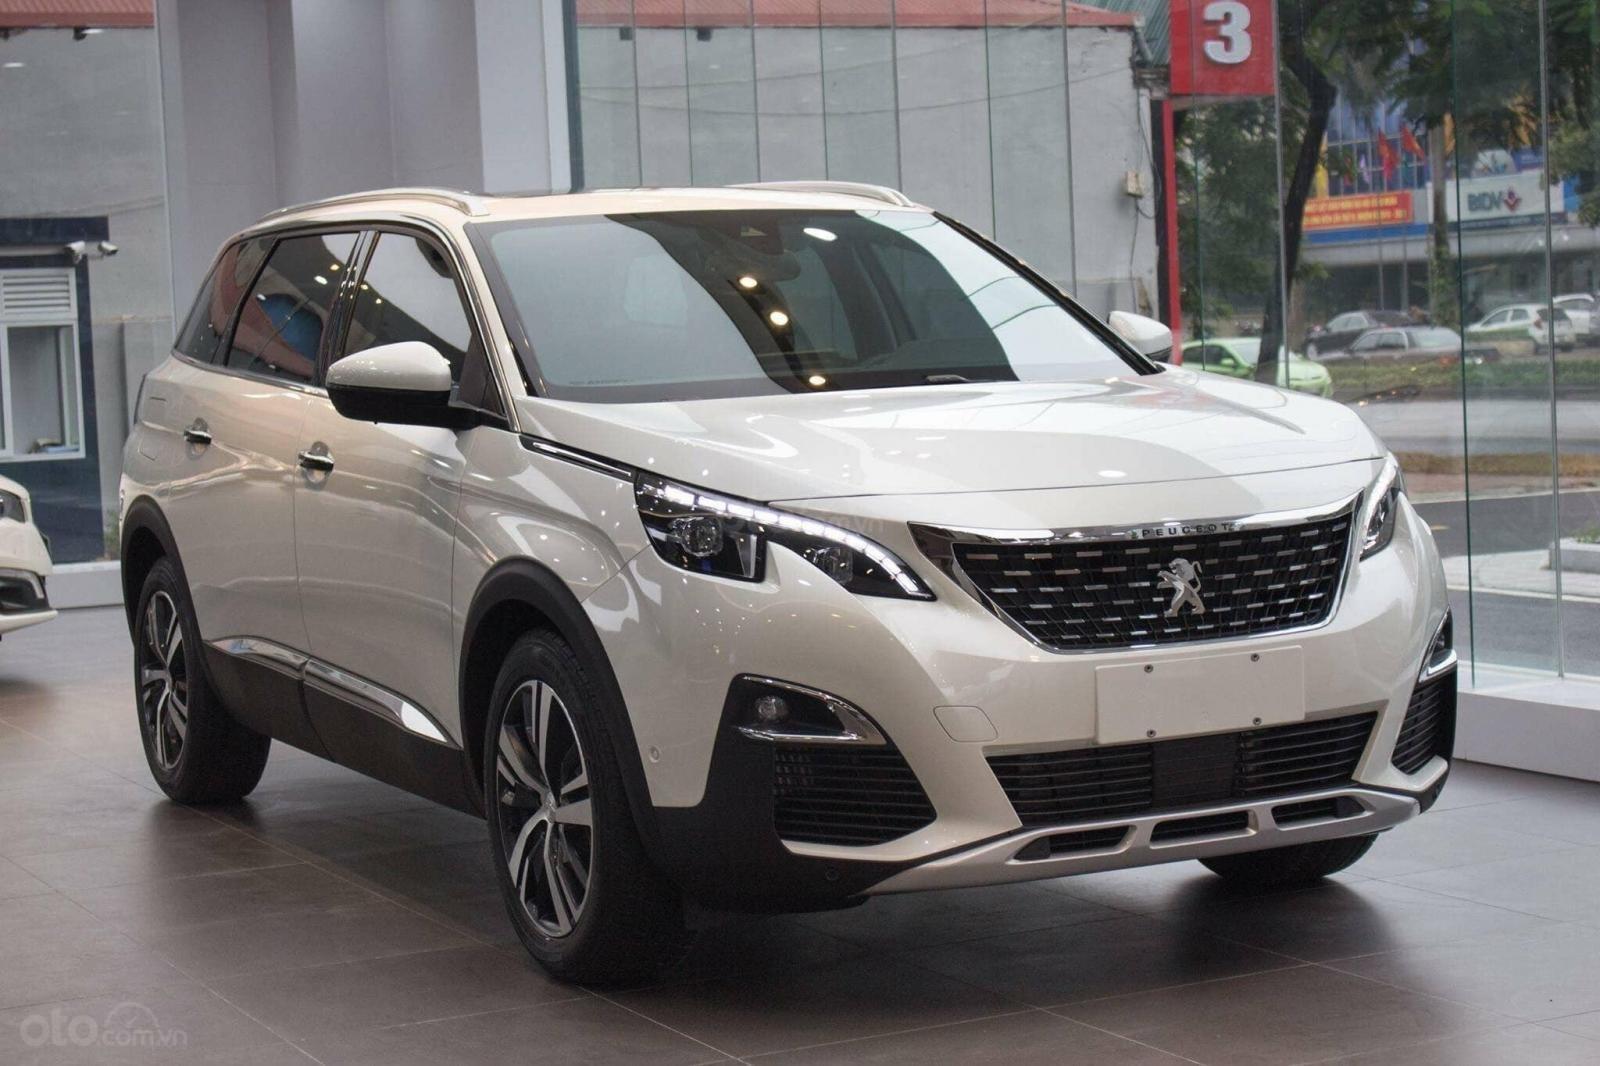 Peugeot Quảng Nam ưu đãi đặc biệt lên tới 68 triệu cho 3008 và 46 triệu cho 5008 (1)